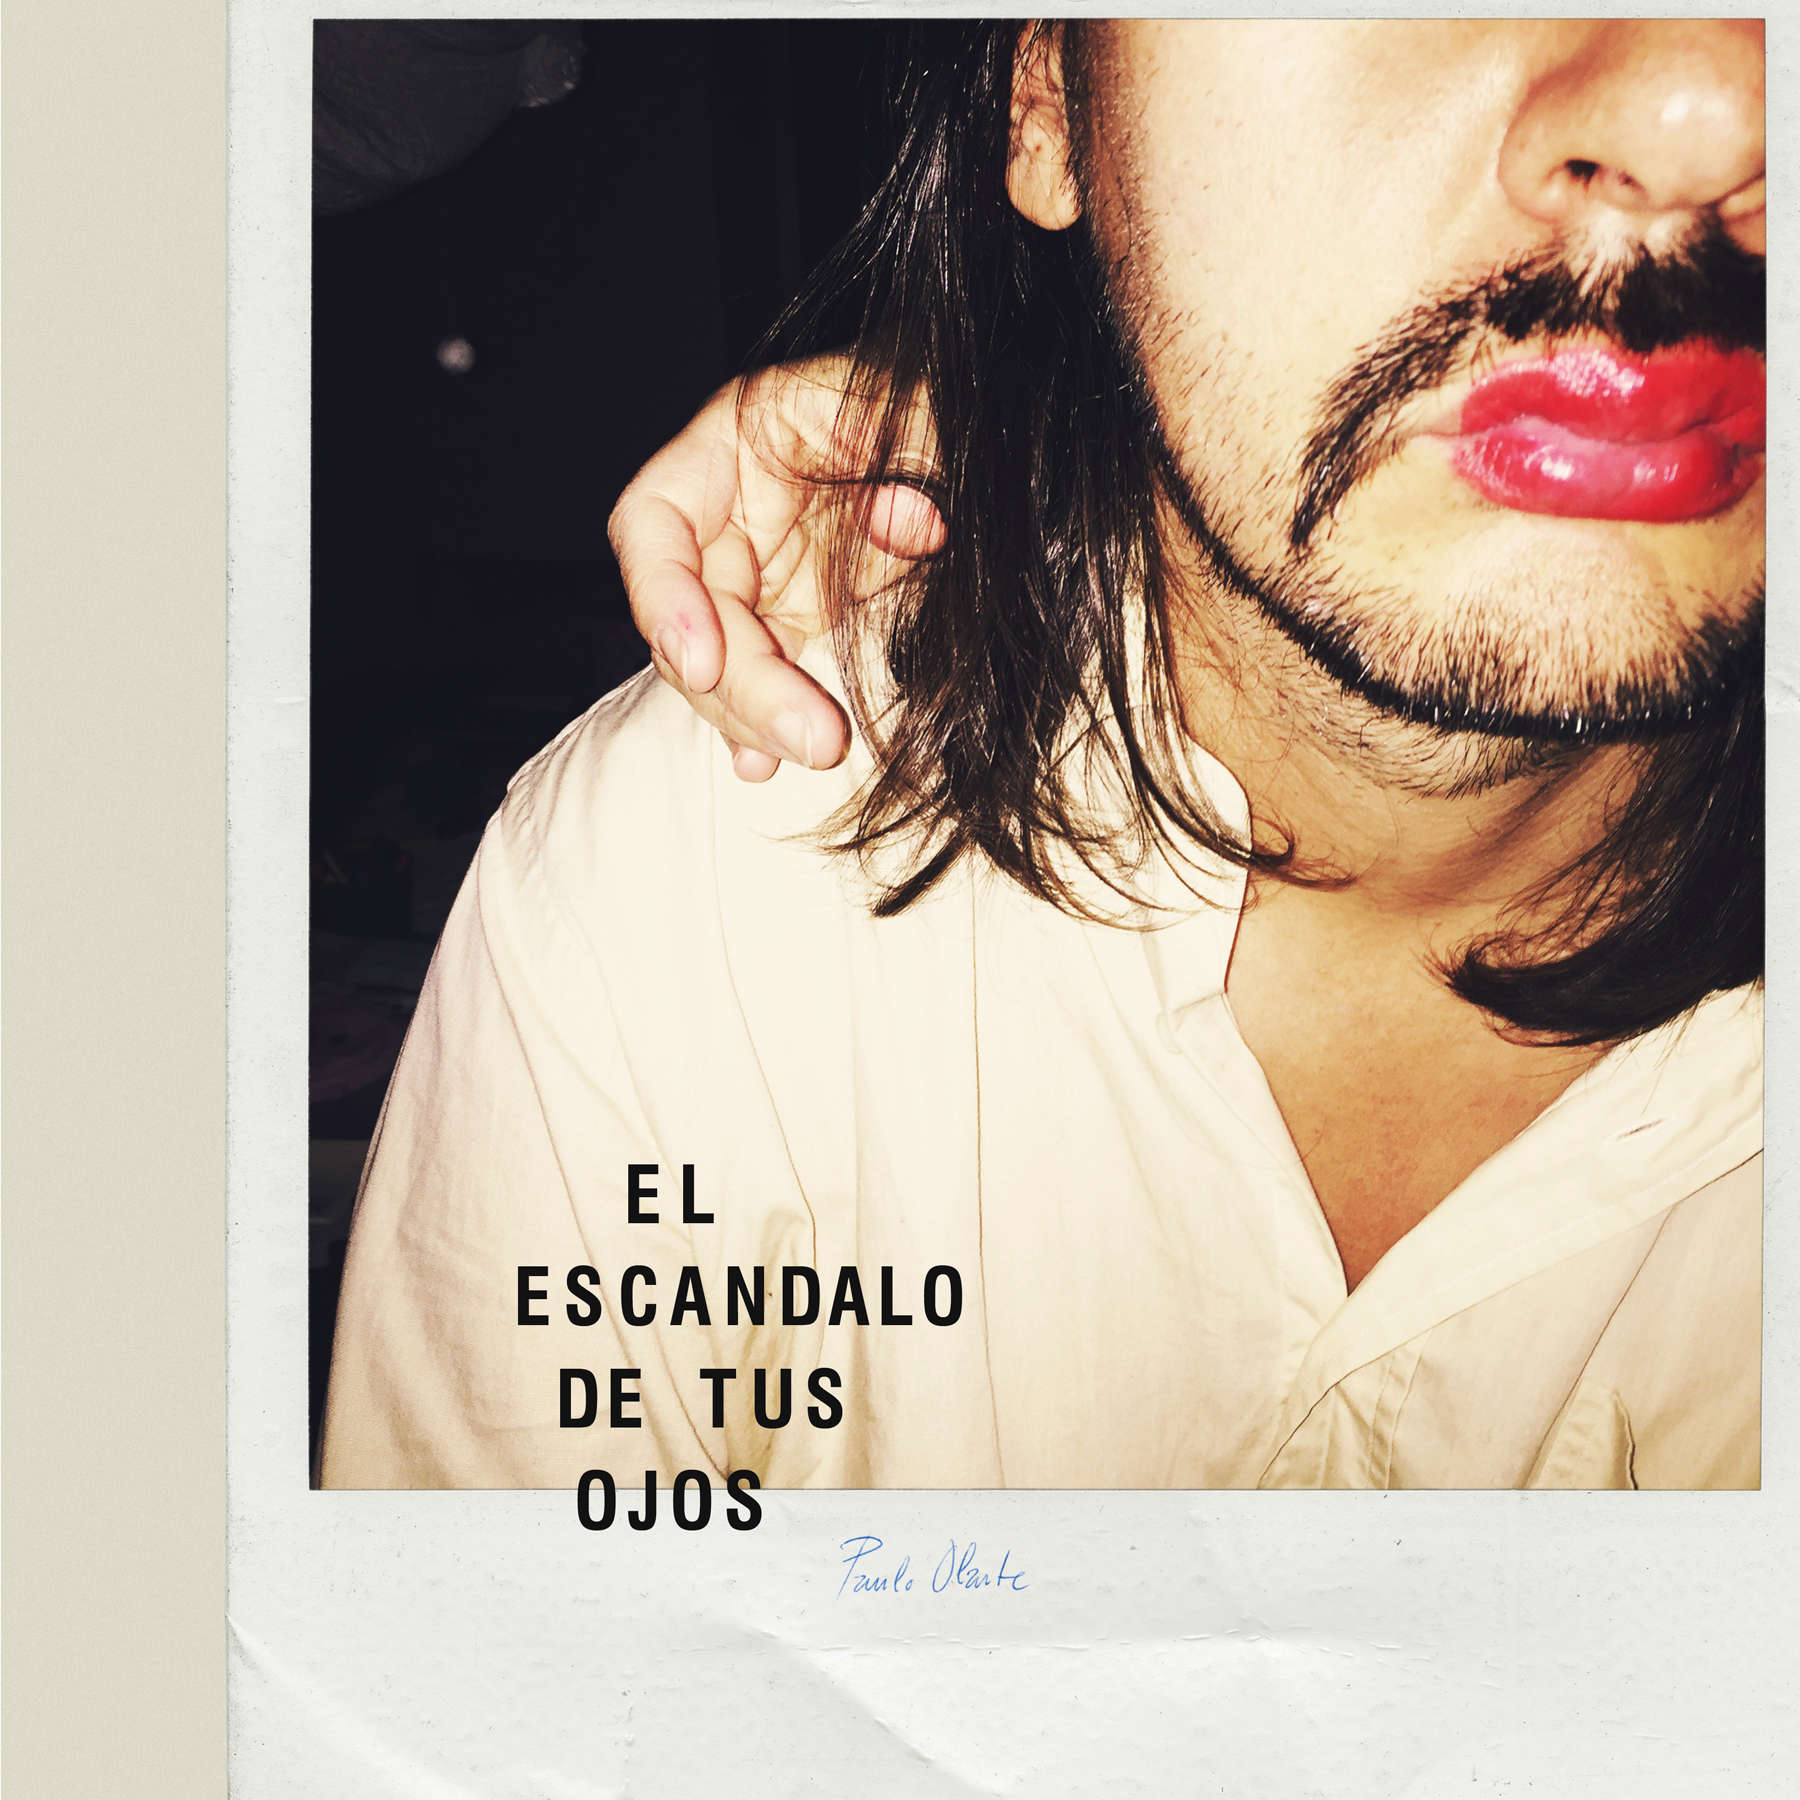 Paulo Olarte – Sombras En La Noche (Galaktika Records)